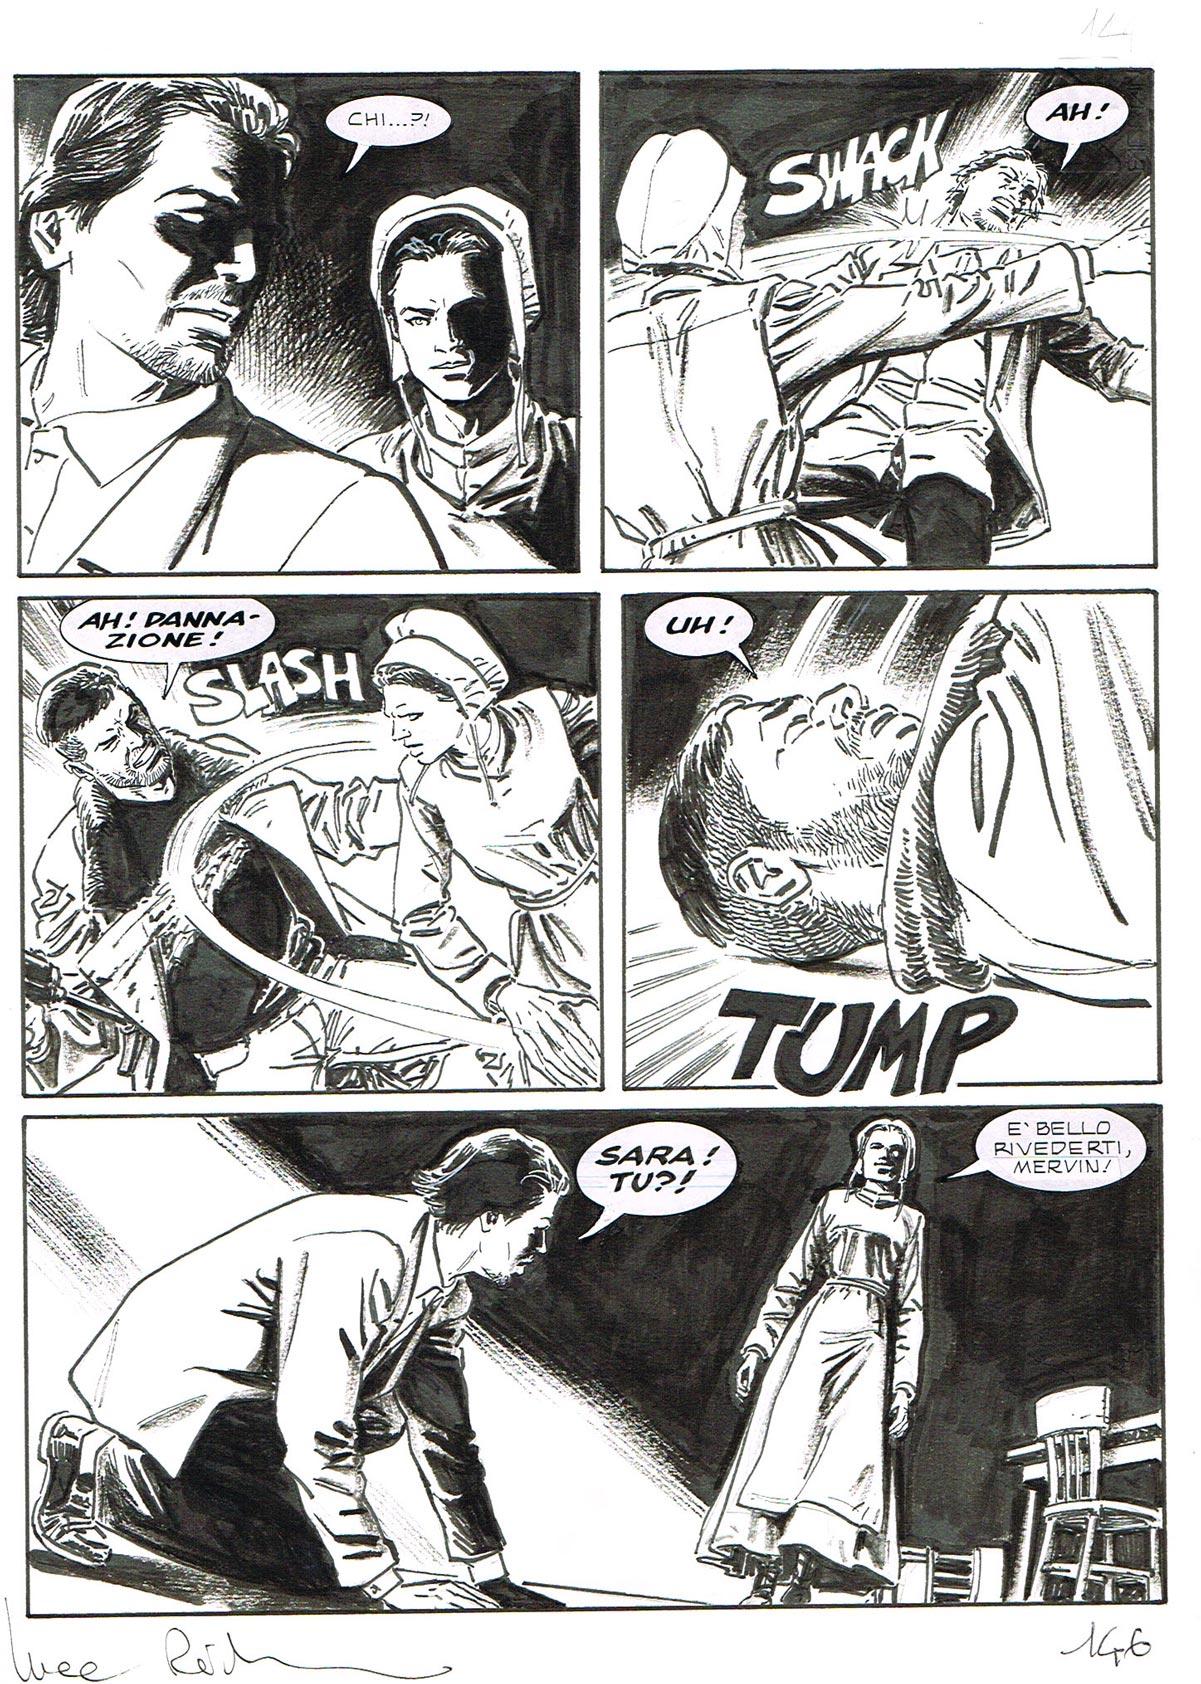 Luca Raimondo - Dampy Speciale n8 pag. 146